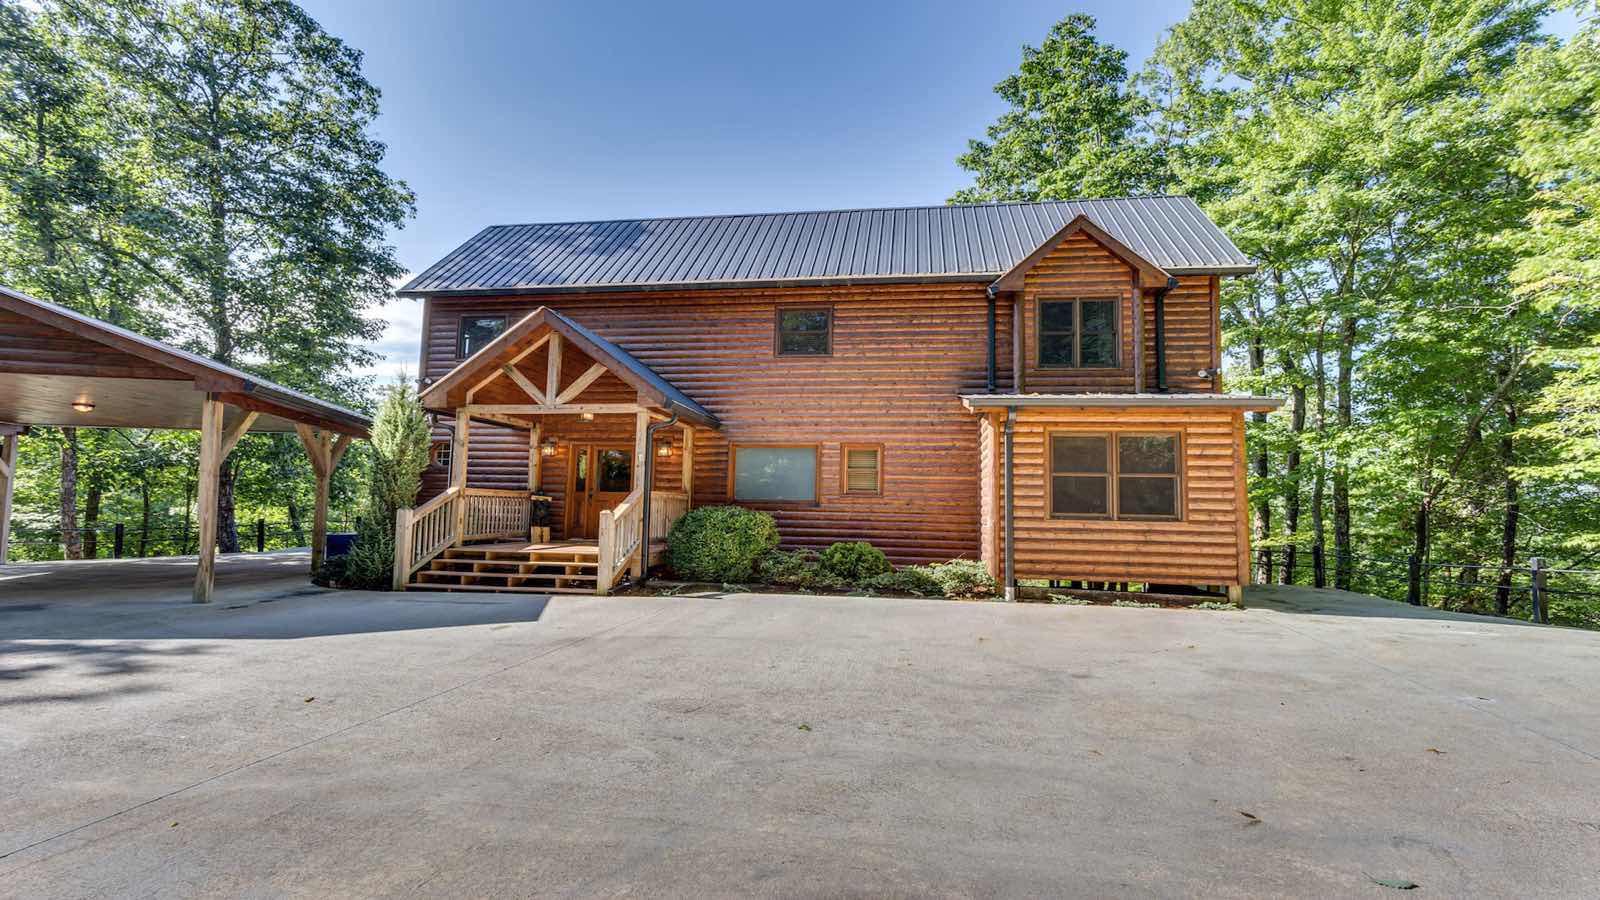 Southern komfort rental cabin blue ridge ga for Blue ridge ga cabins for rent